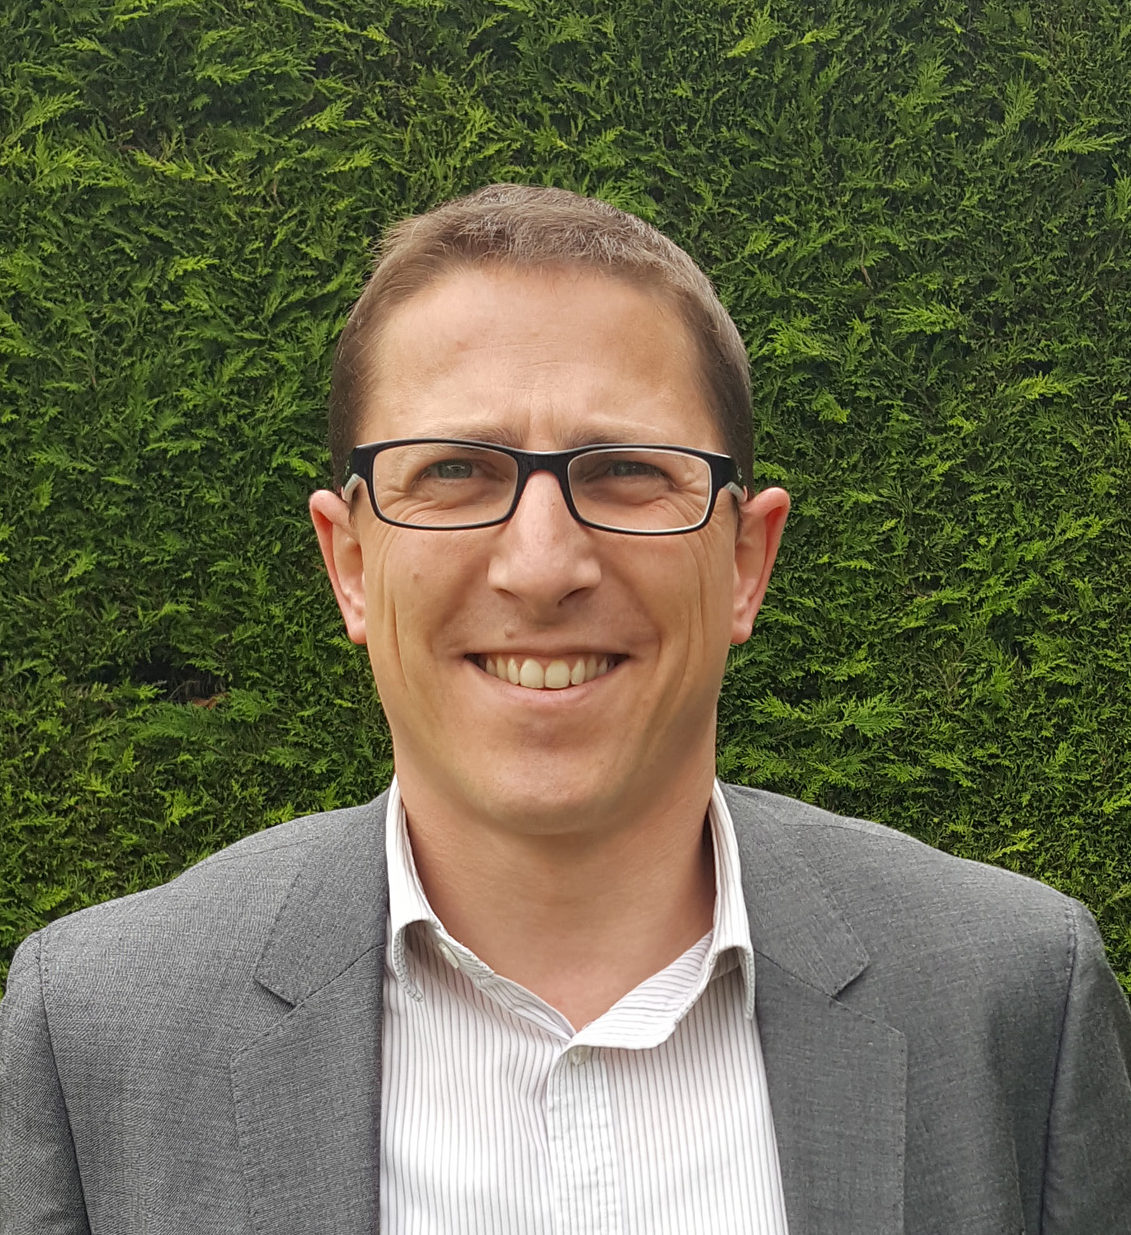 Michael Autexier